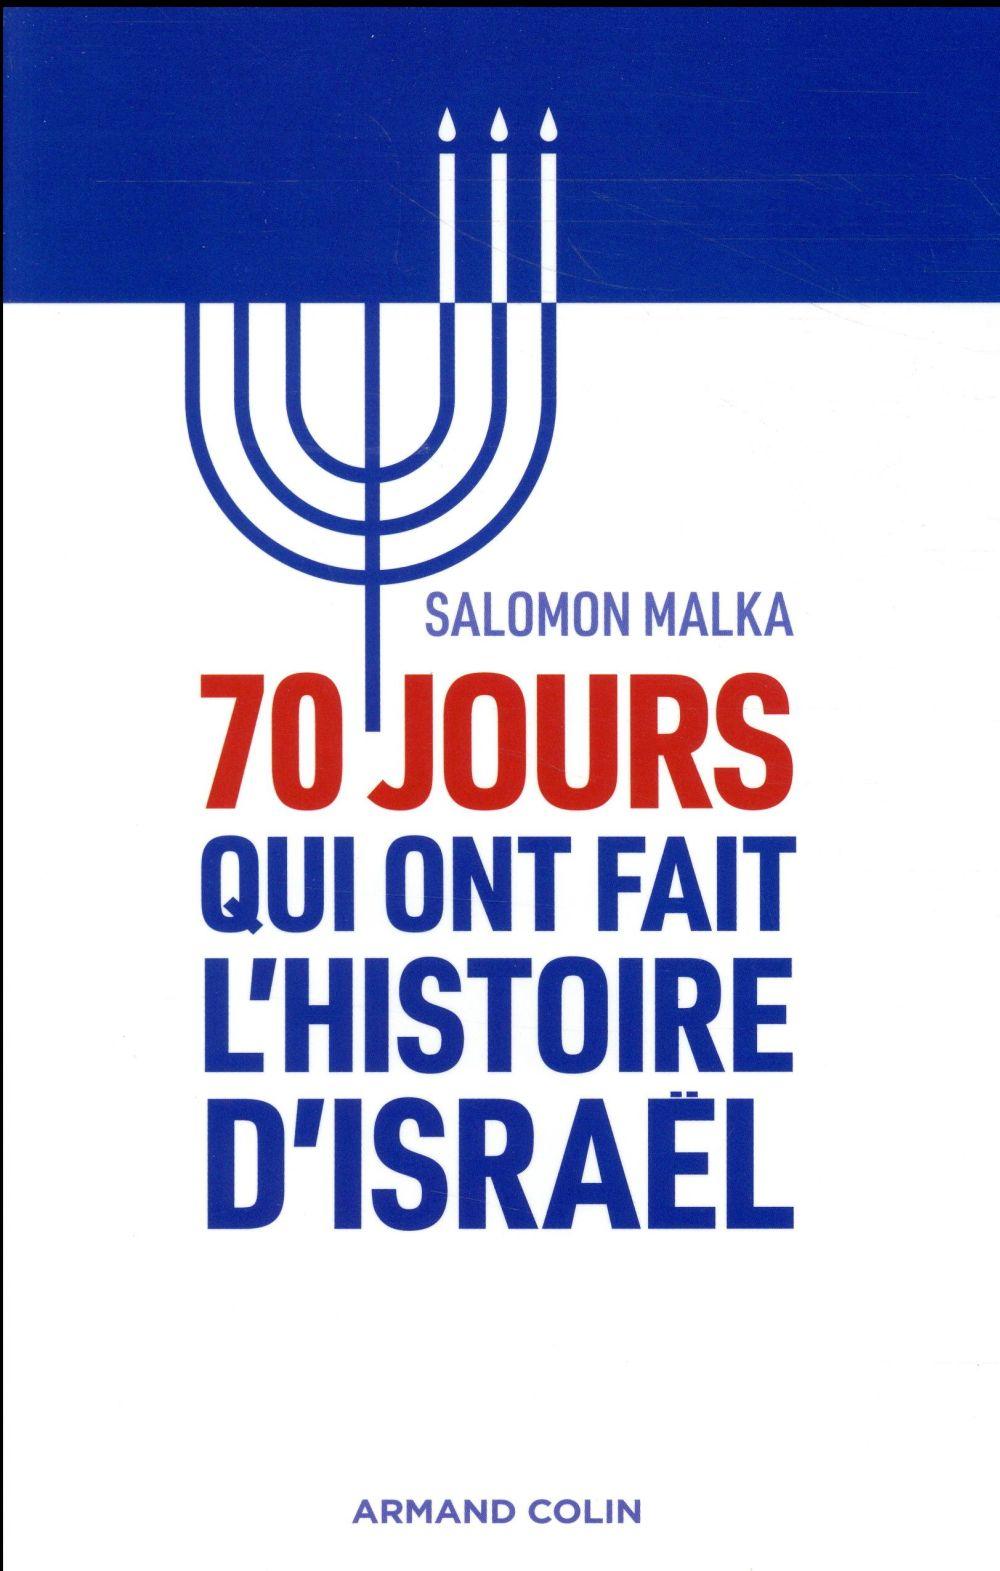 70 JOURS QUI ONT FAIT L'HISTOIRE D'ISRAEL